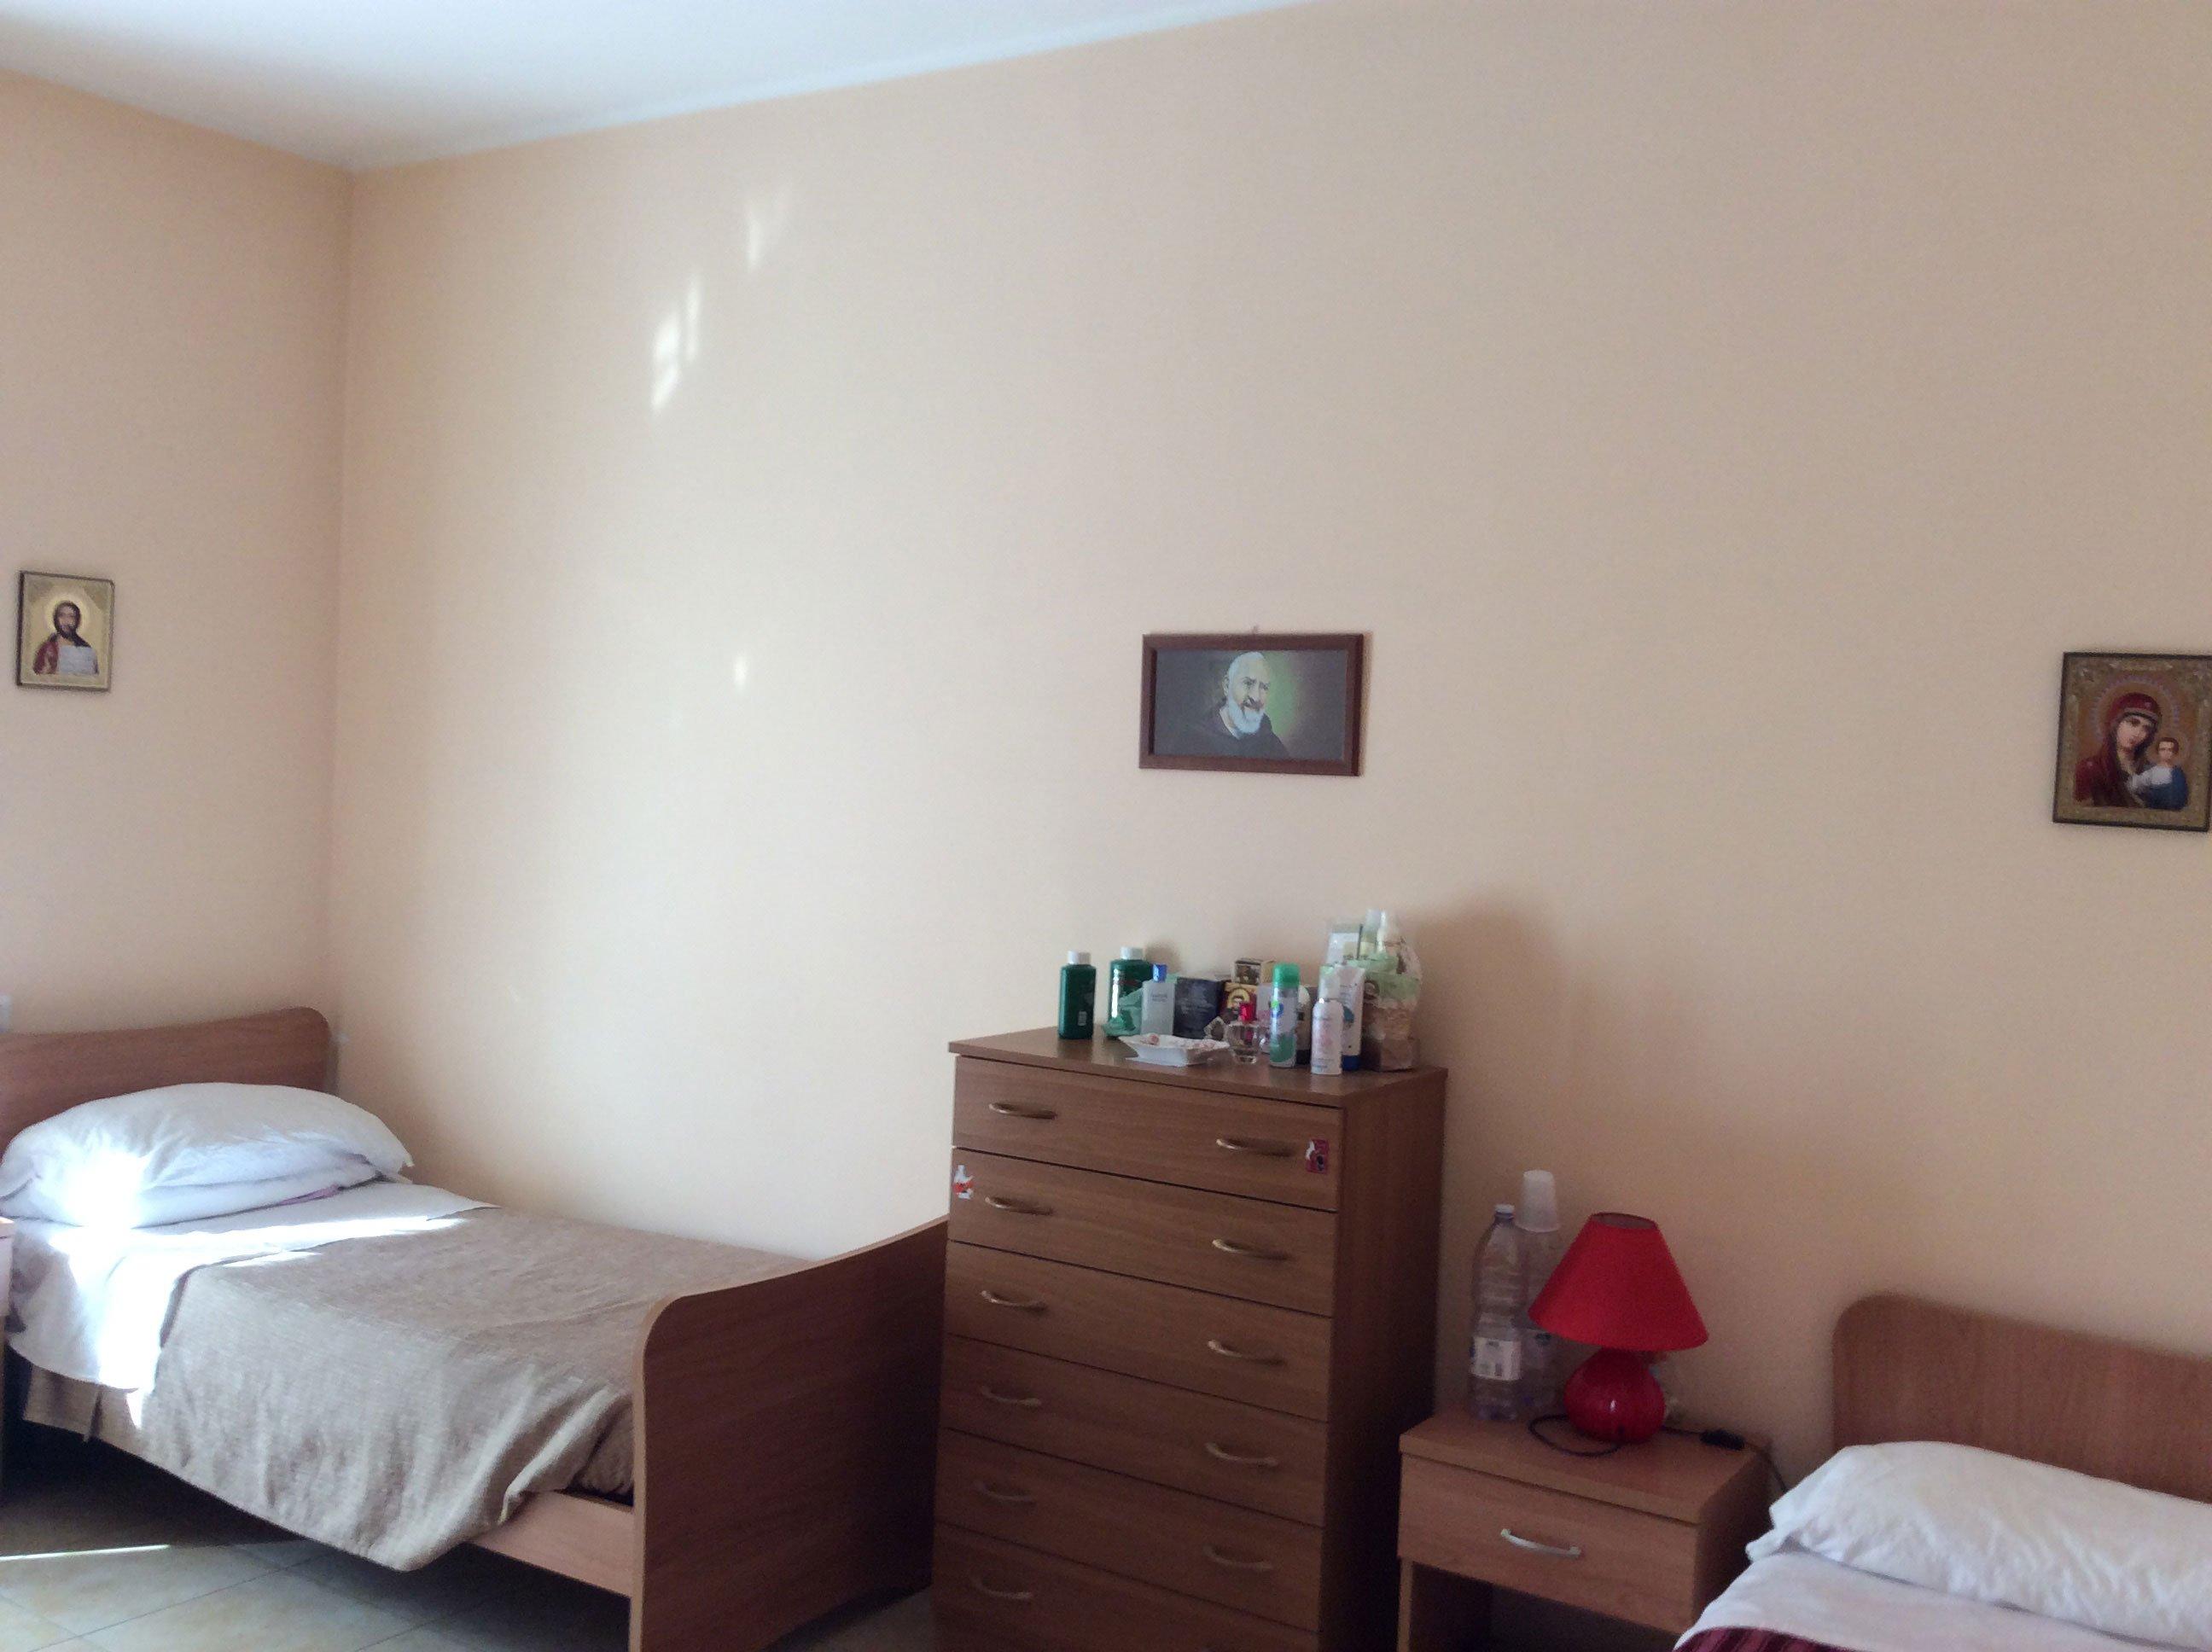 camera da letto con sulla sinistra un letto, in mezzo una cassettiera di legno e sulla destra un comodino con una lampada rossa con un letto accanto